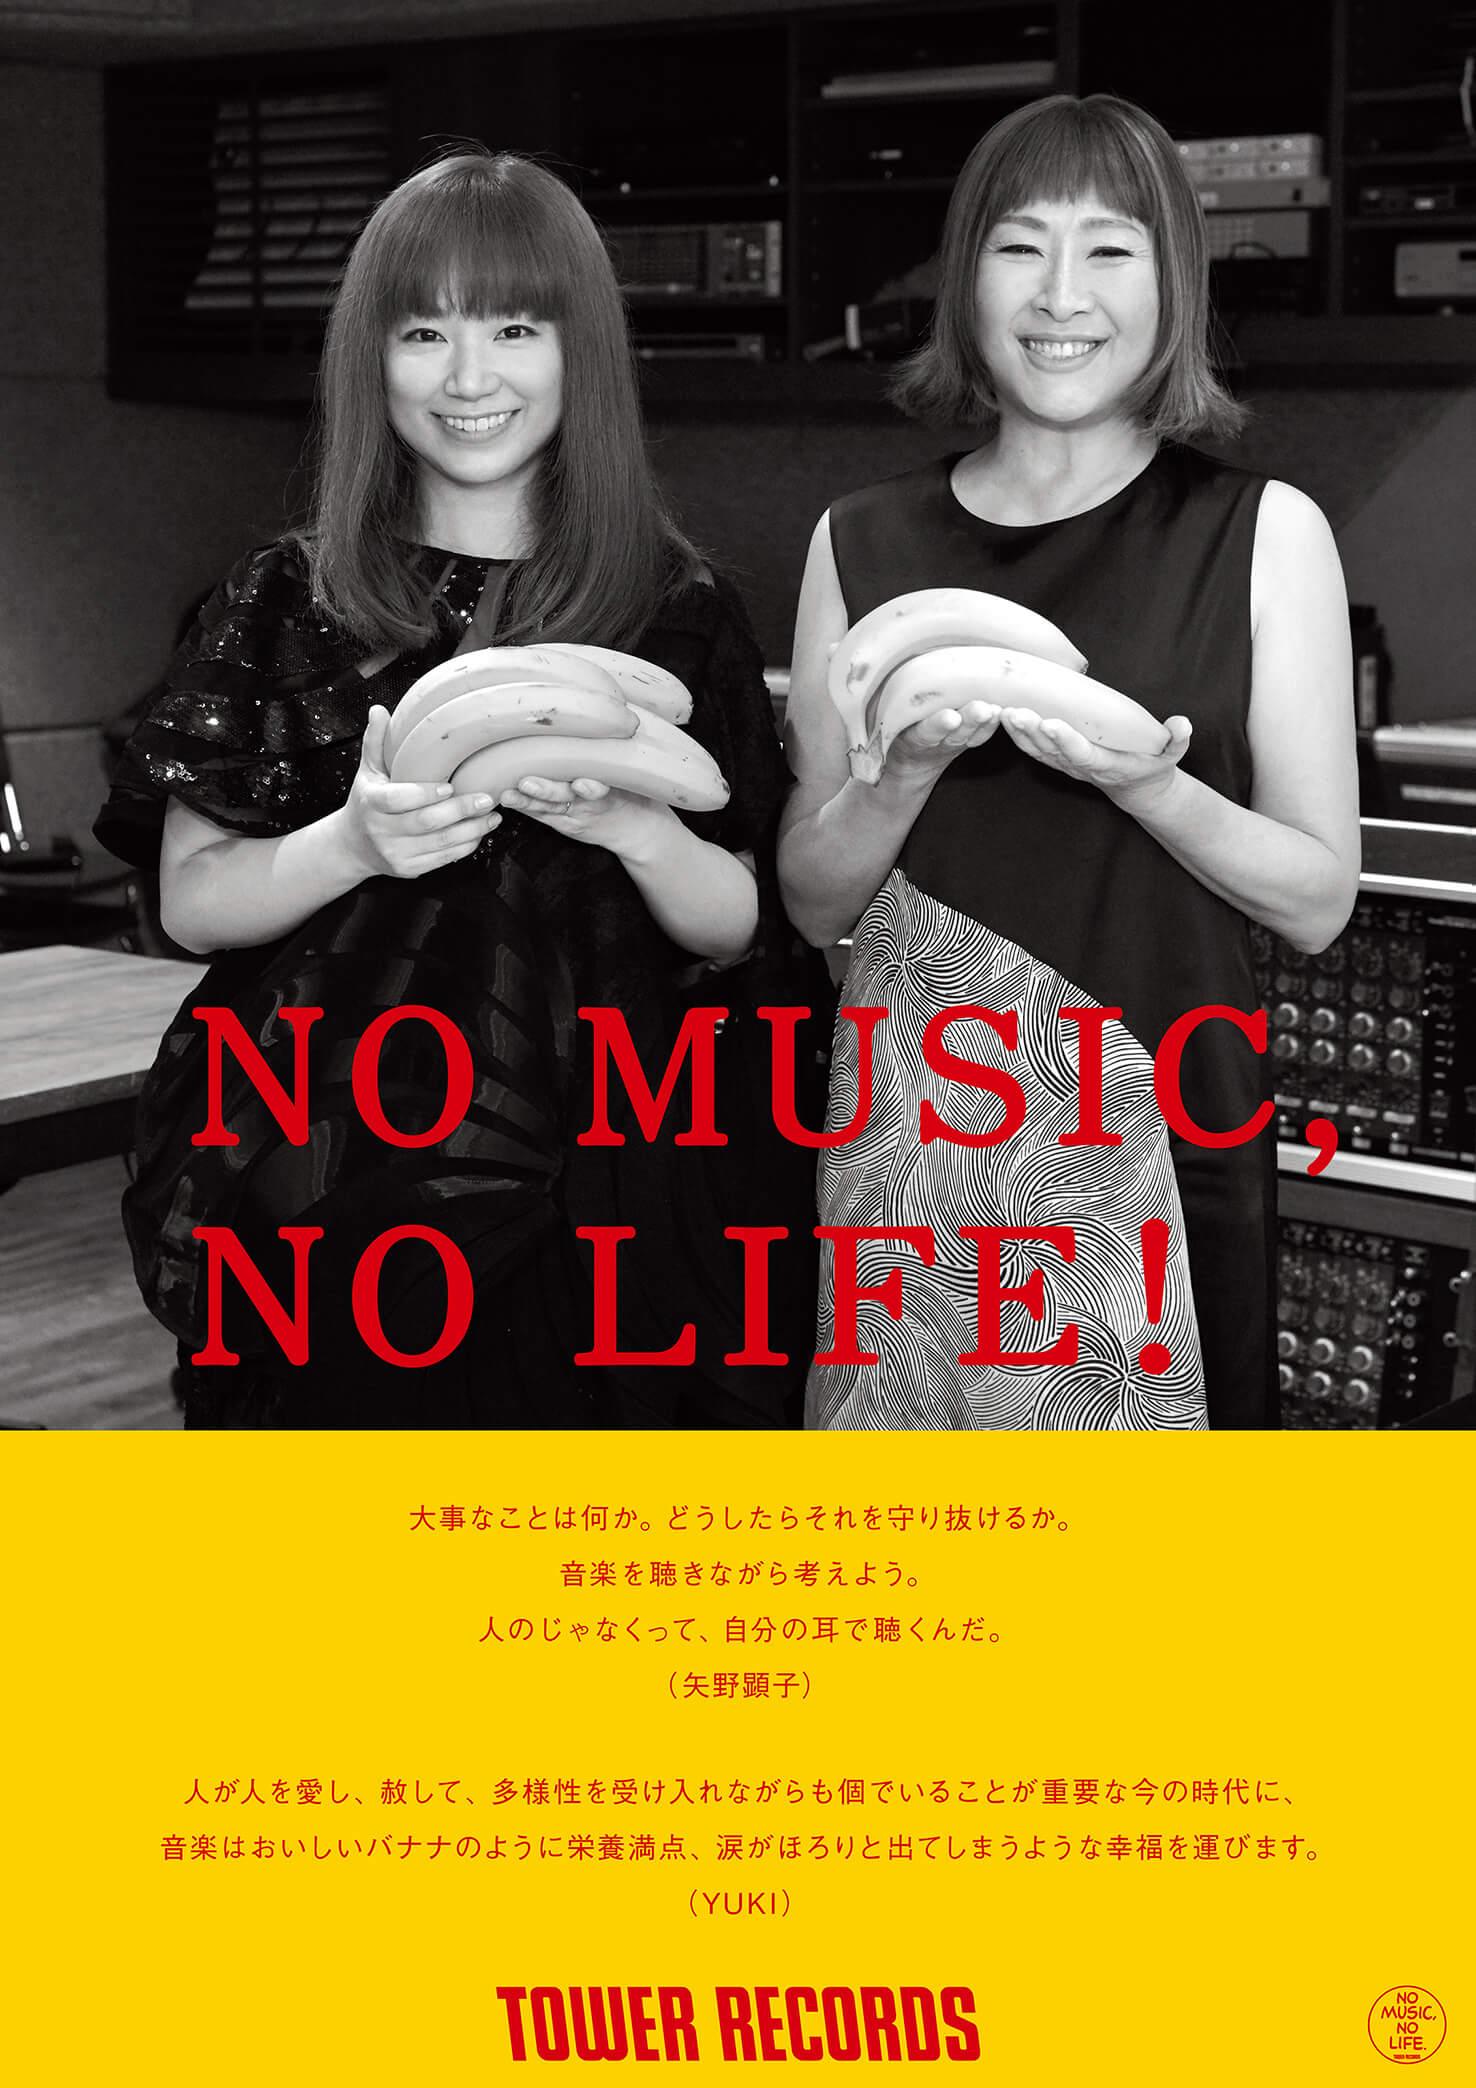 矢野顕子&YUKI、タワーレコード「NO MUSIC, NO LIFE.」ポスターに バナナを持って登場